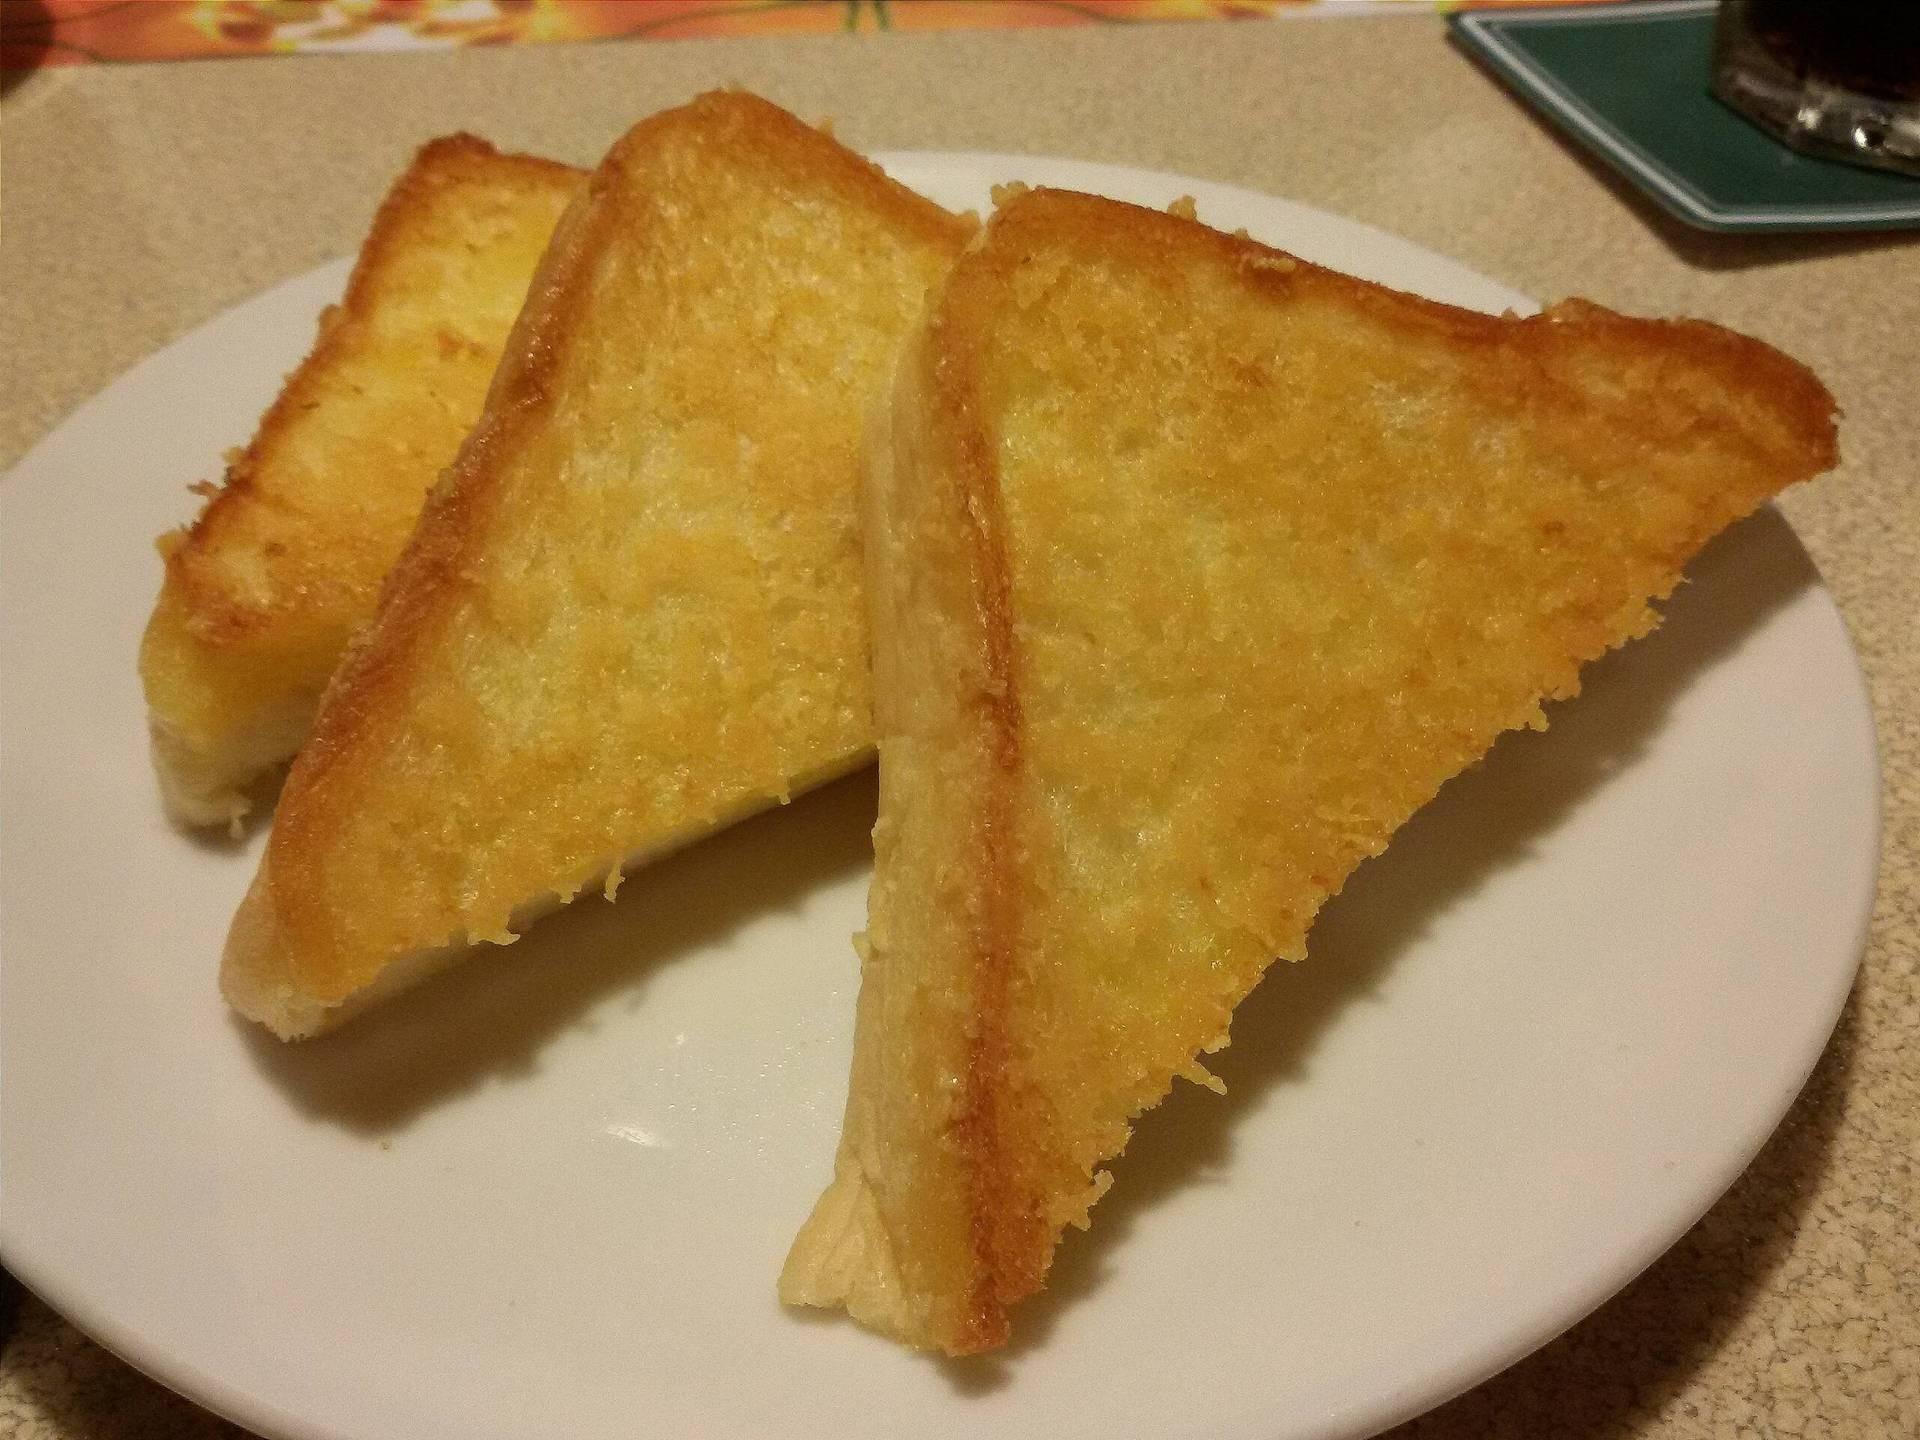 วิธีทำขนมปังชีสกรอบ